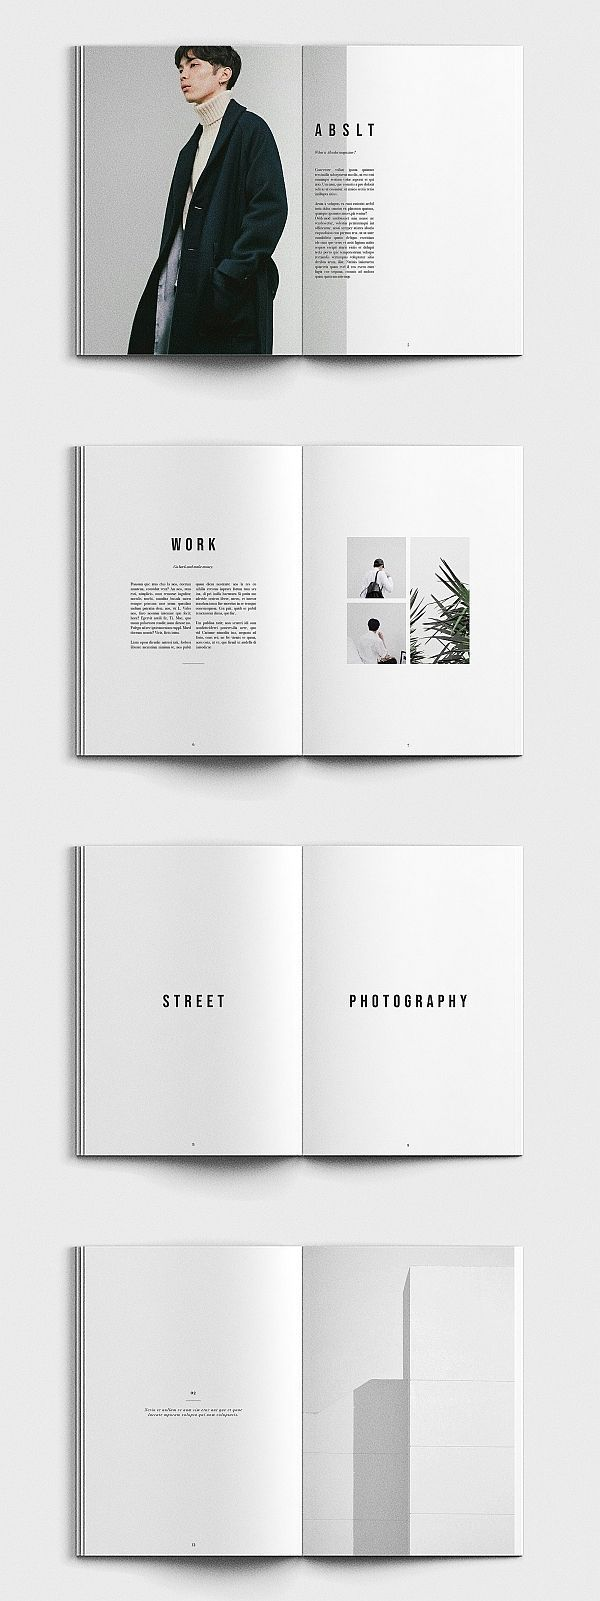 ABSOLUT Fotografie Portfolio Vorlage #Portfolio #Lookbook #Broschüre #Vorlage